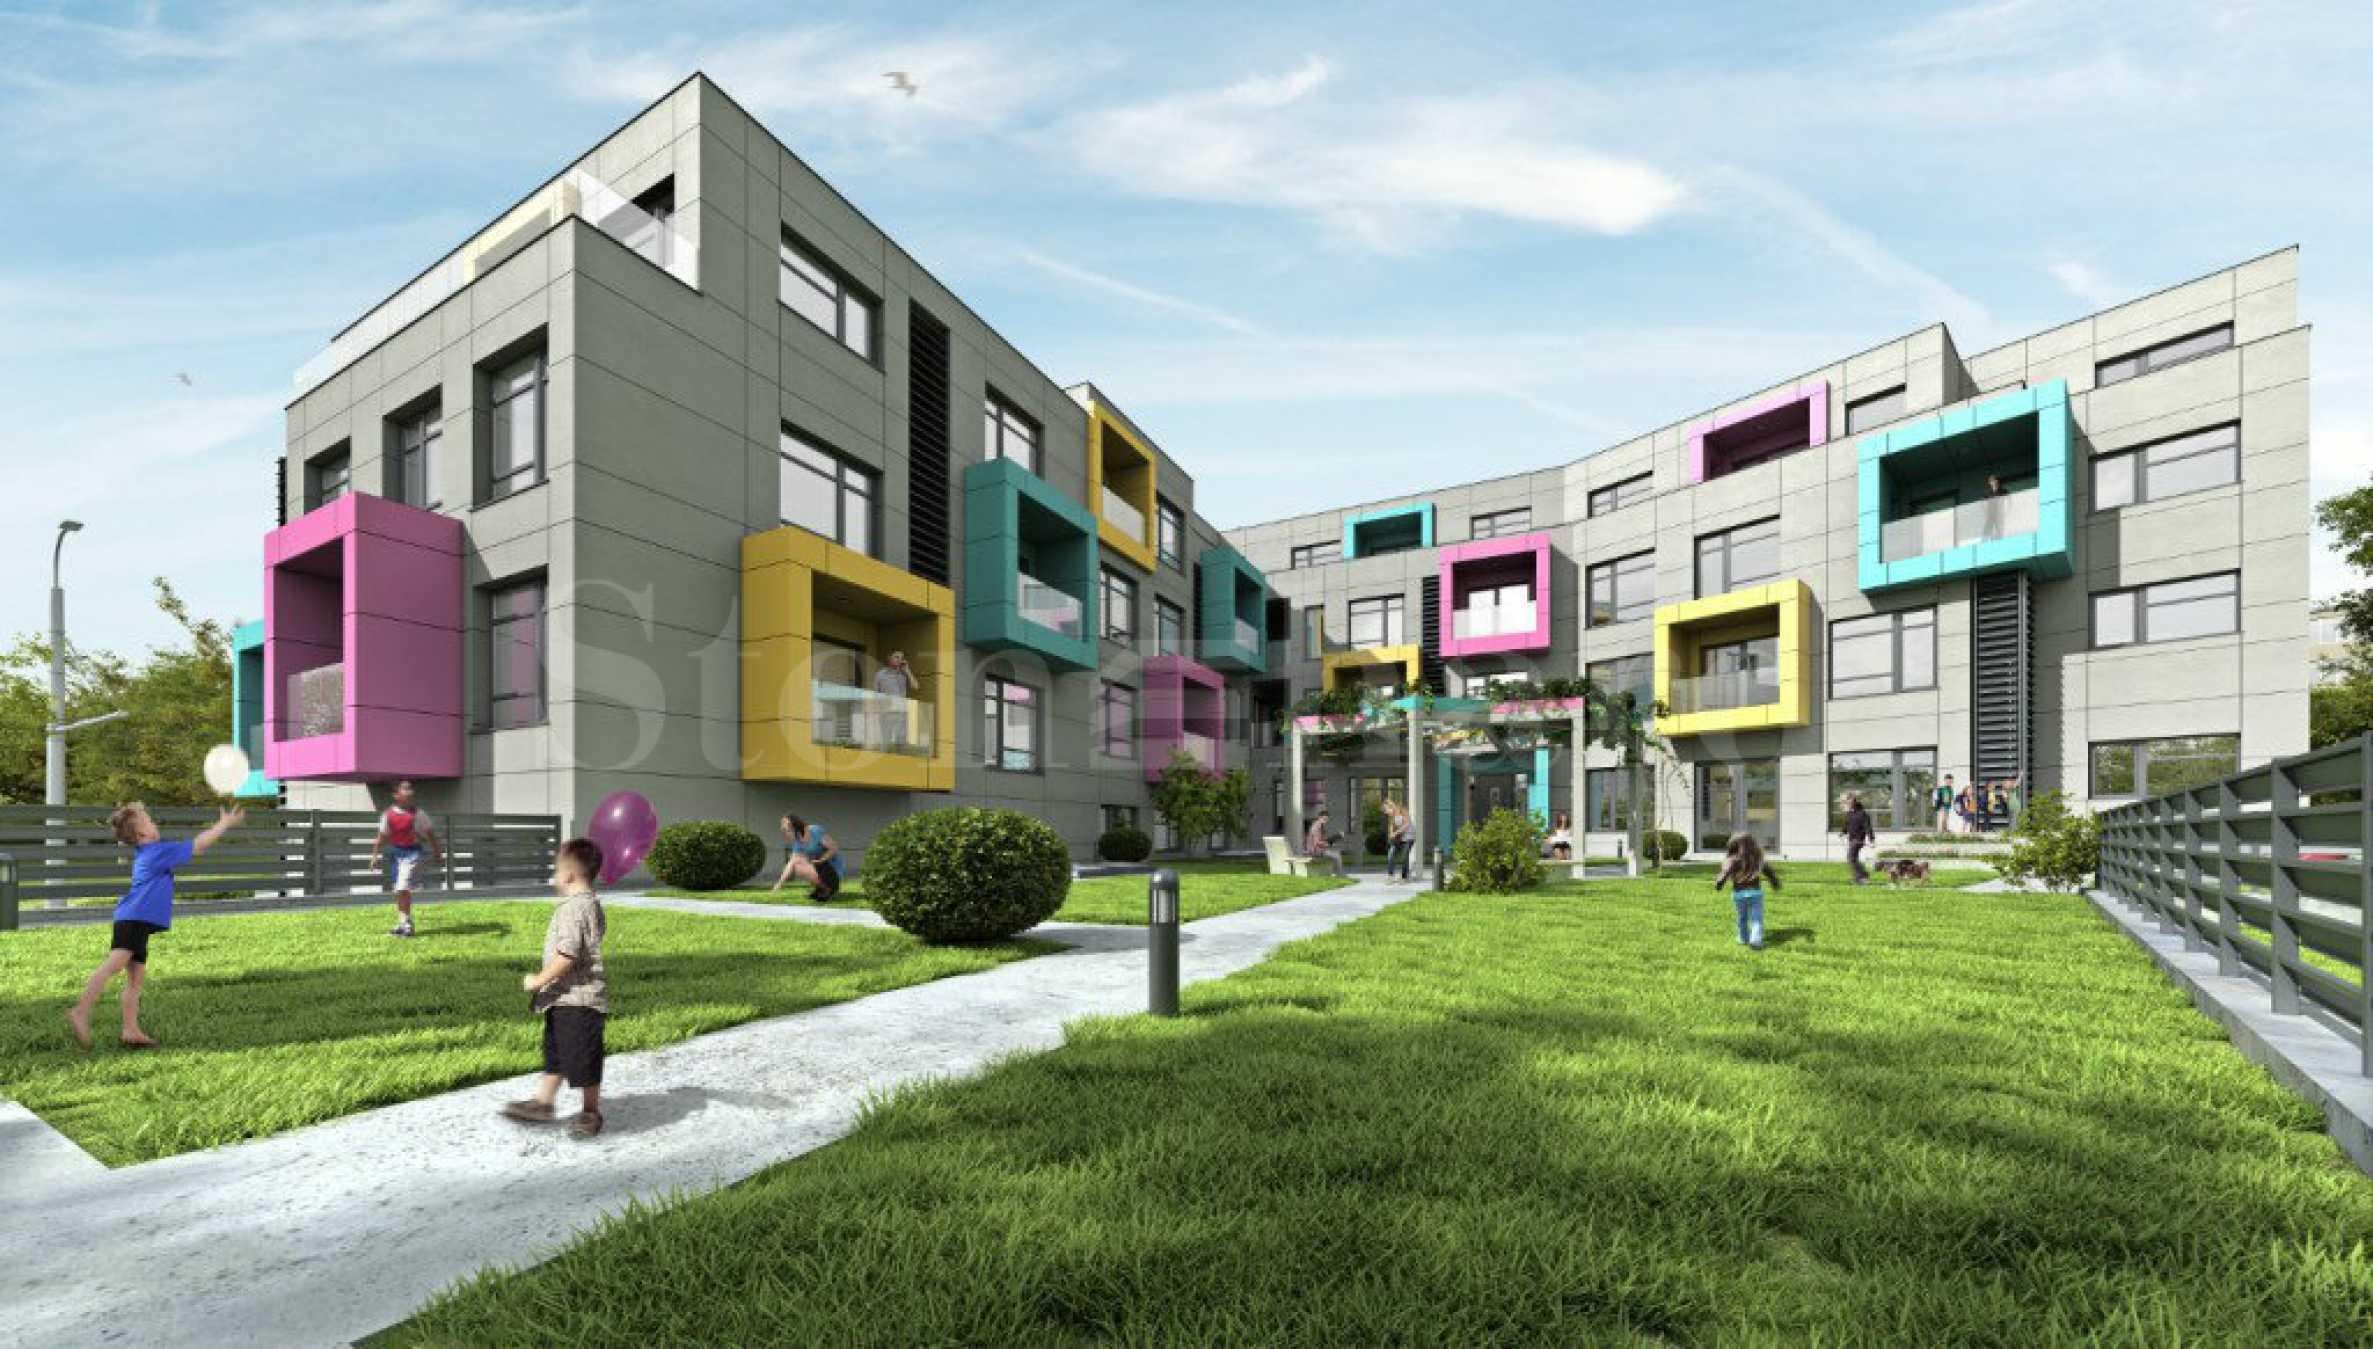 Апартаменти с морска панорама в новостроящ се комплекс в кв. Бриз2 - Stonehard